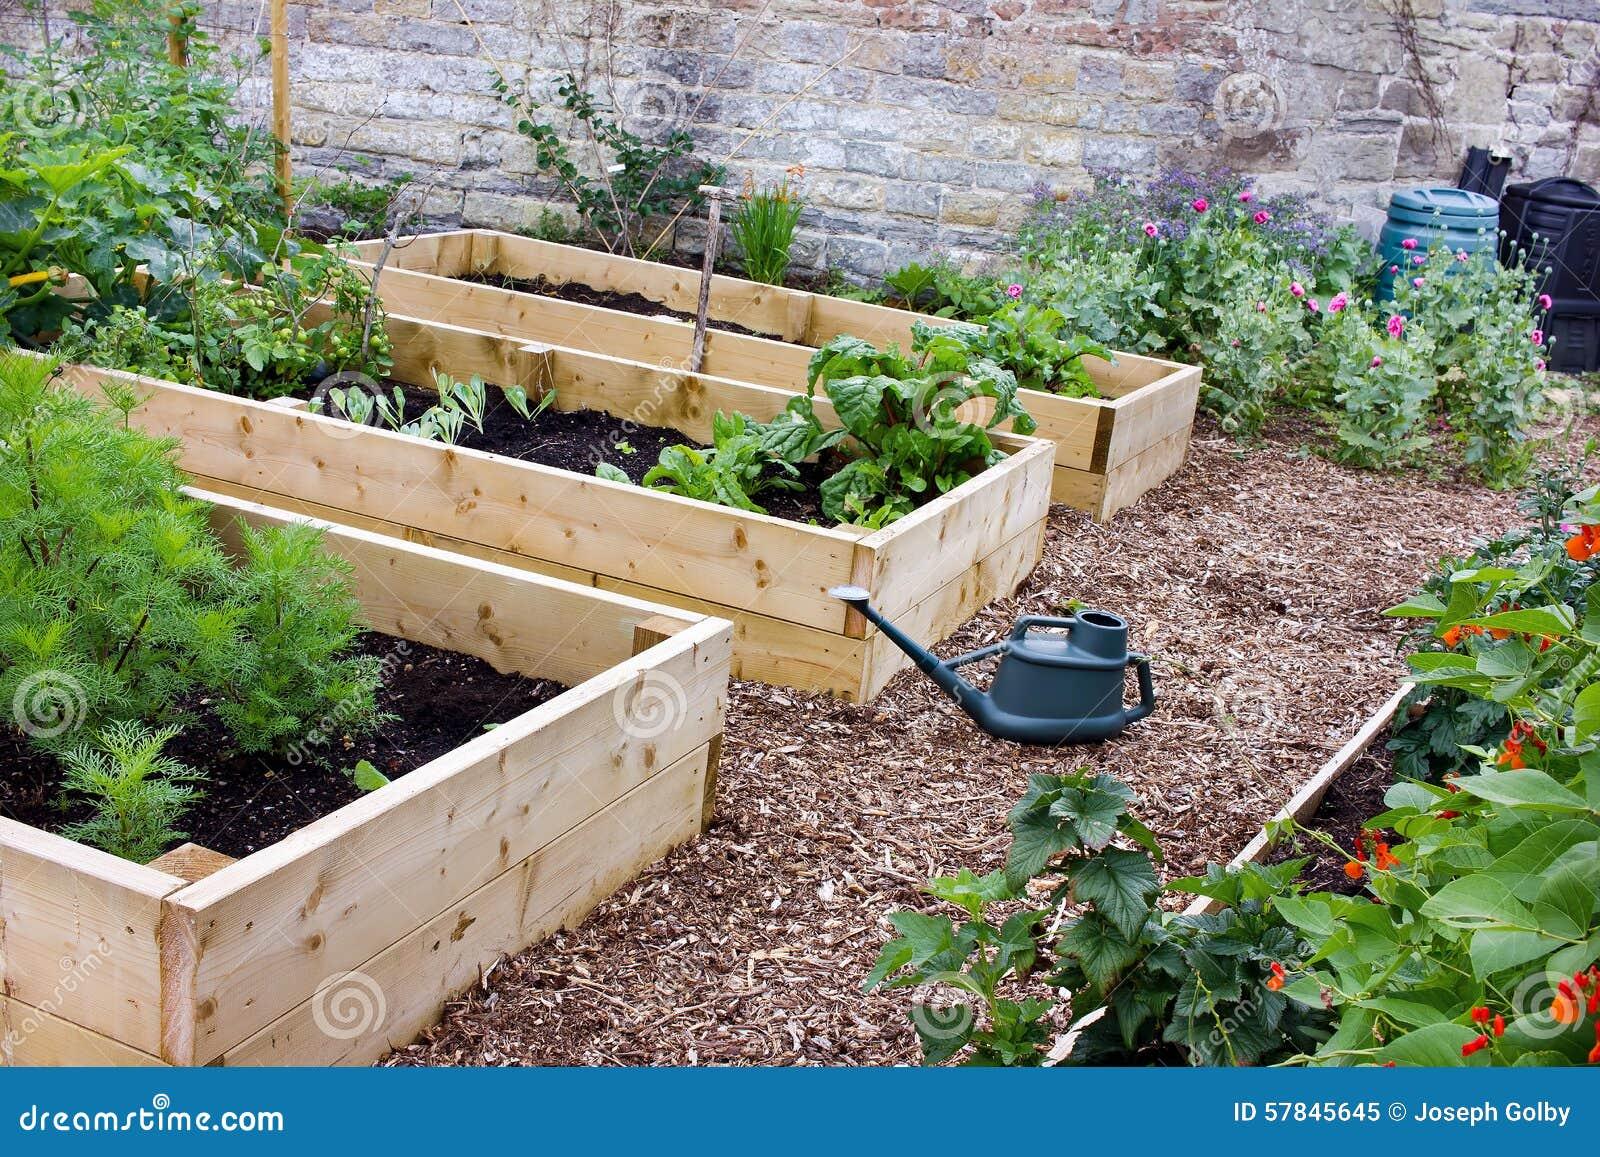 Rustikaler Land Gemuse U Blumen Garten Mit Hochbeeten Spaten